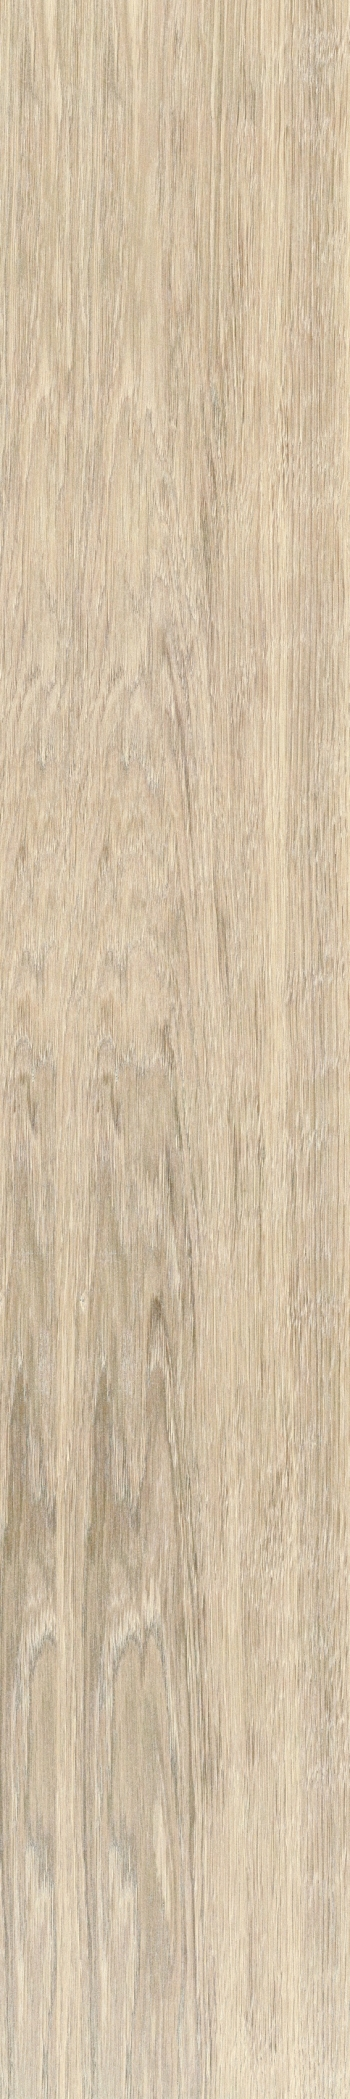 Lightwood beige 1198х198х10